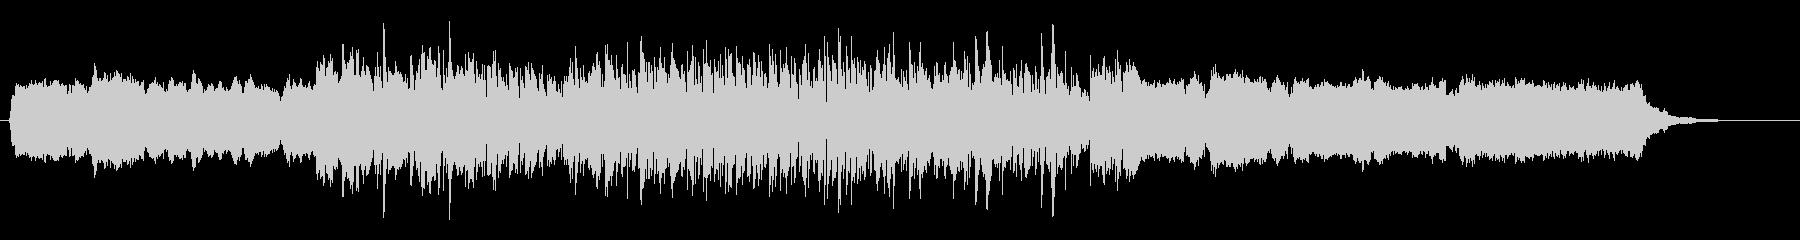 プログレ風変拍子の曲ですの未再生の波形